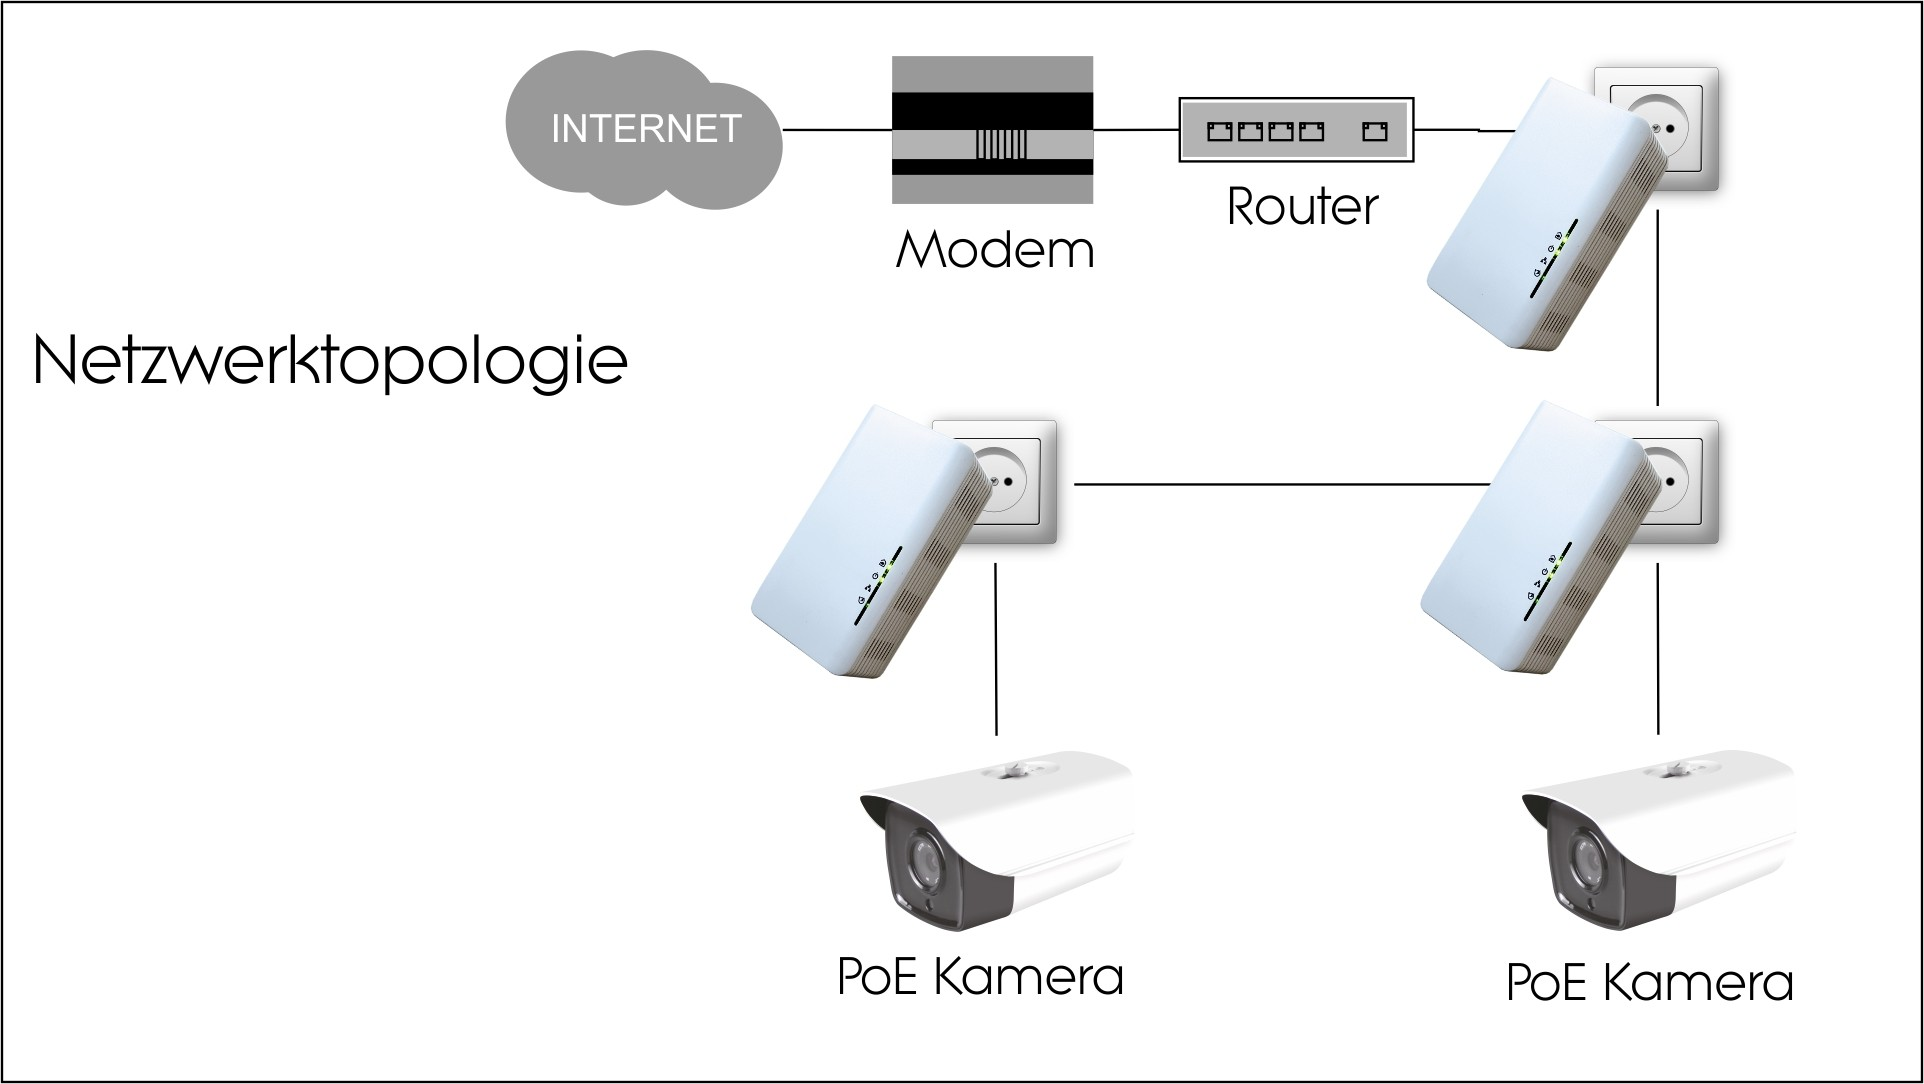 Super Powerline PoE LAN Steckdose: PoE-Powerline-Netzwerkadapter 1200 Mbi... ZB92